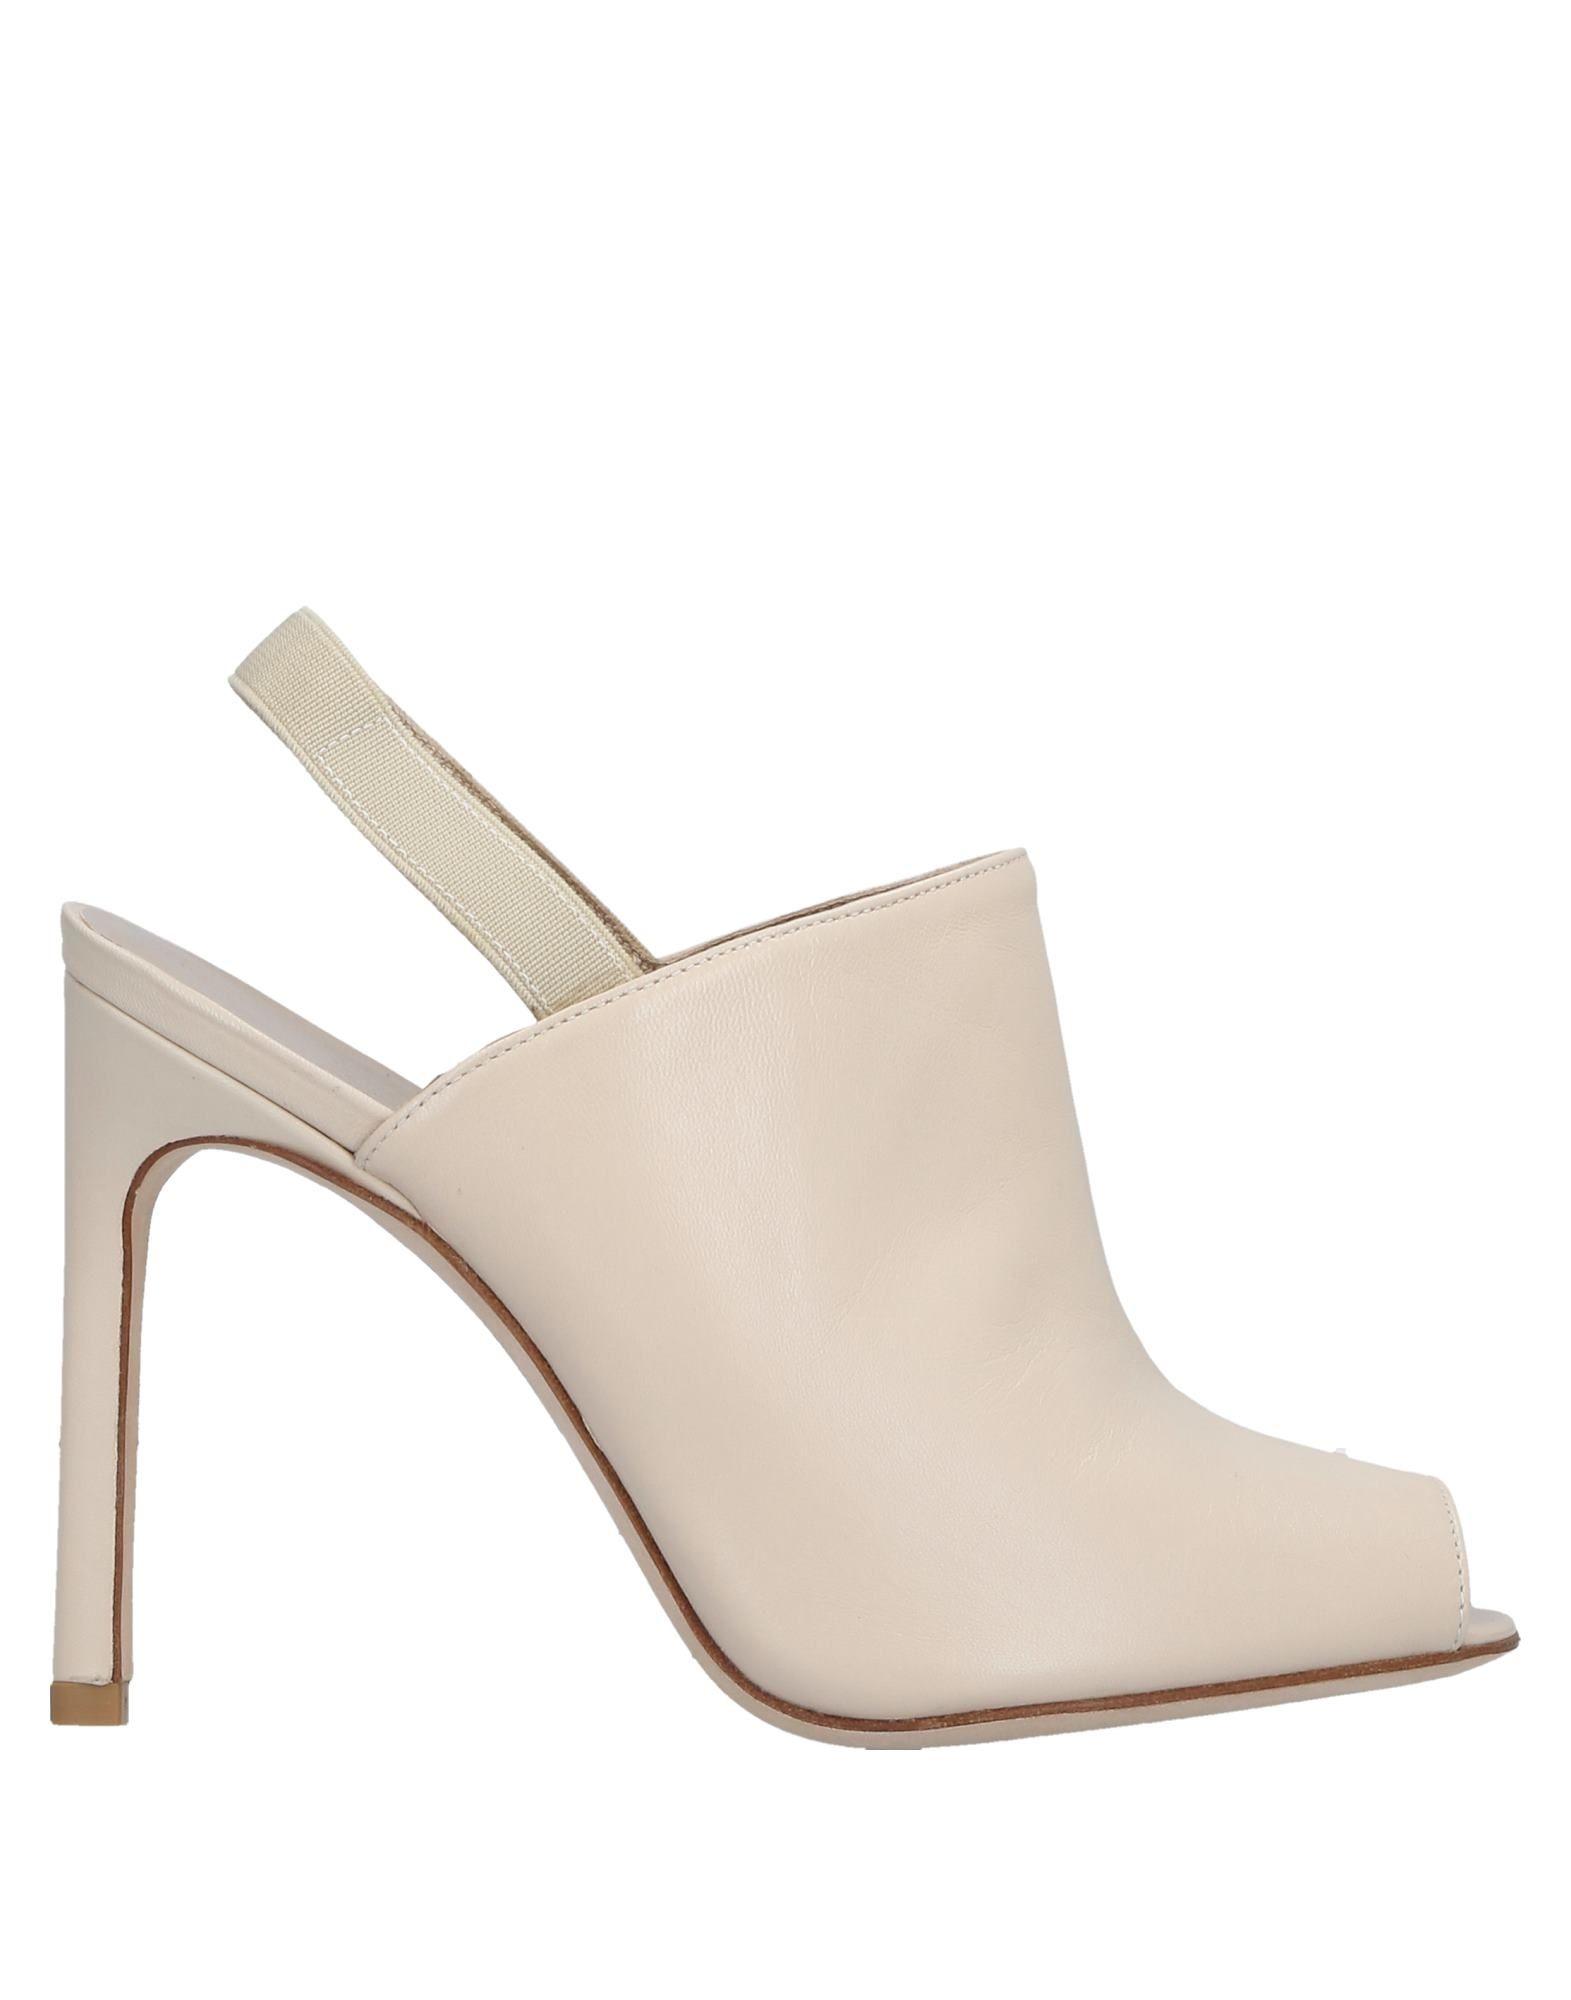 Sneakers Buscemi Donna - 11134091NO Scarpe economiche e buone